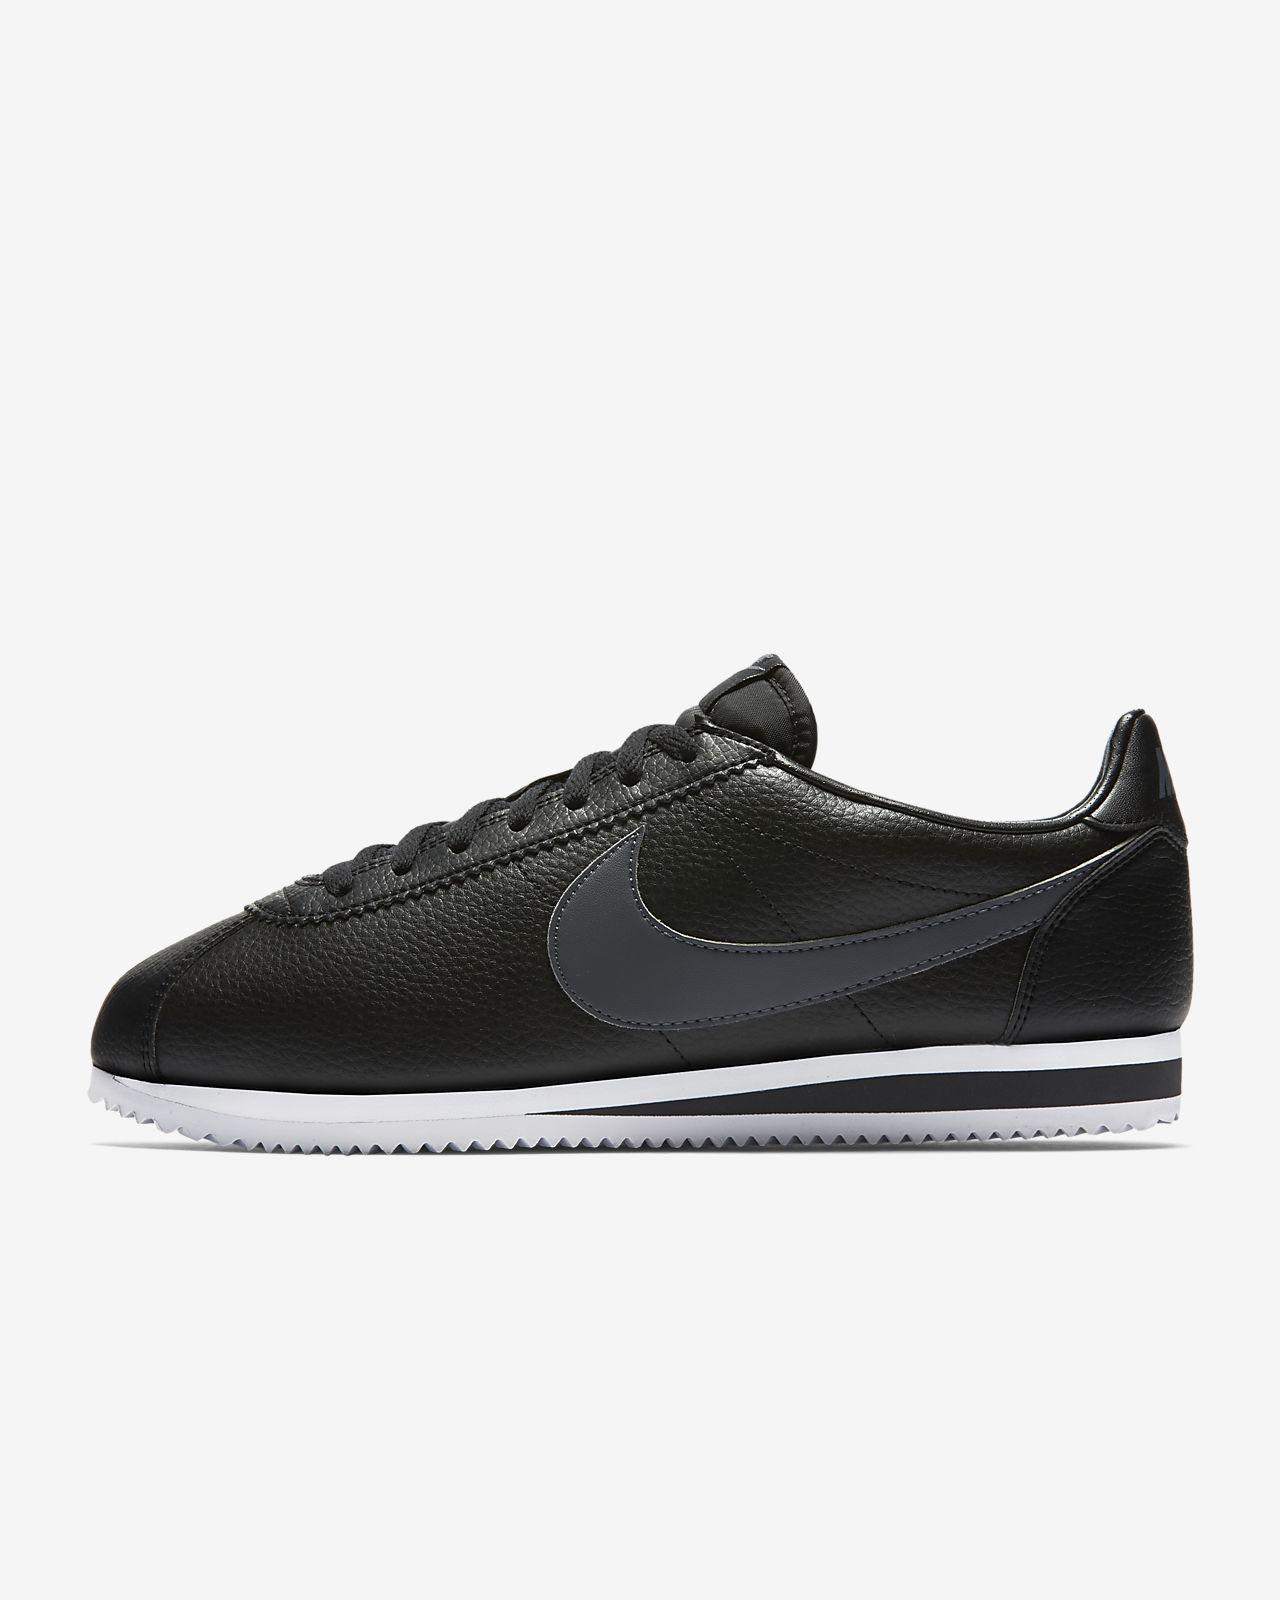 f66a9a5612d8 Nike Classic Cortez Men s Shoe. Nike.com PT